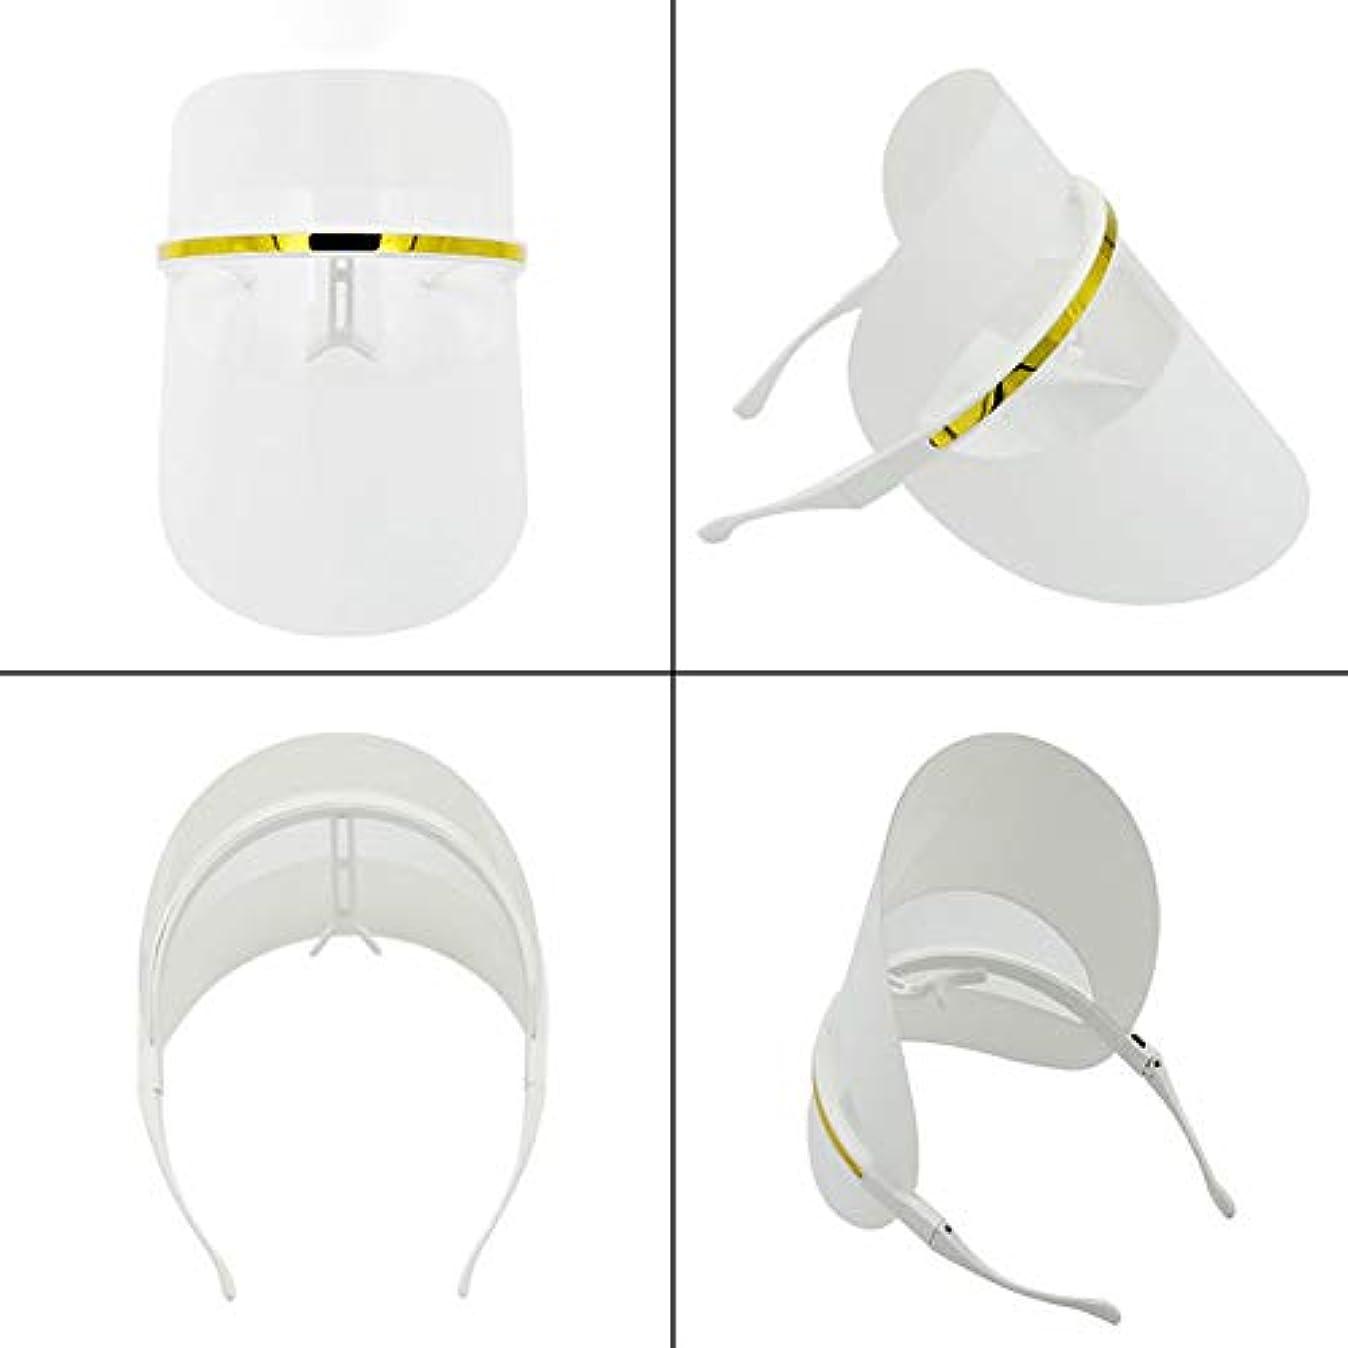 原点乱気流タワー7色LEDフェイスマスク、LEDフォトンビューティーマスク、健康的な肌の若返りのためのフォトンレッドライトセラピー、コラーゲン、アンチエイジング、しわ、瘢痕